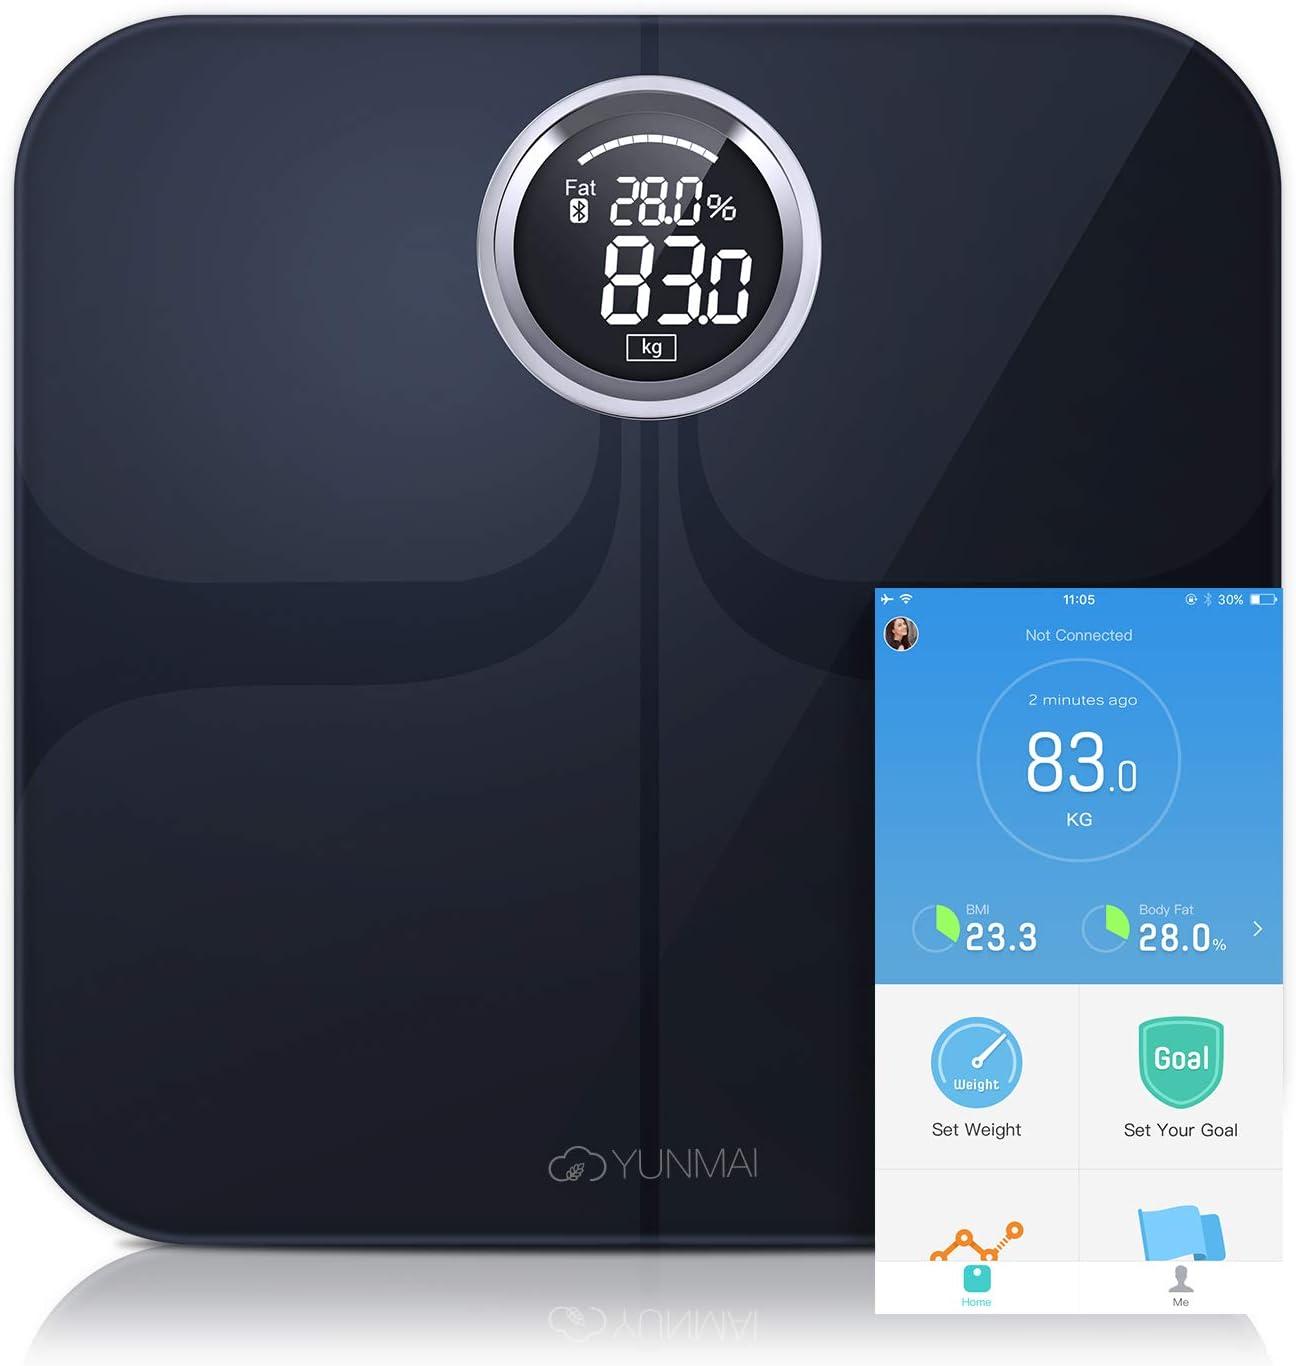 YUNMAI Premium Pèse-personne Impédancemètre Intelligent Balance Conectée Salle de Bains Bluetooth iOS et Android App, 10 Données Corporelles Multi-utilisateurs(Noir)